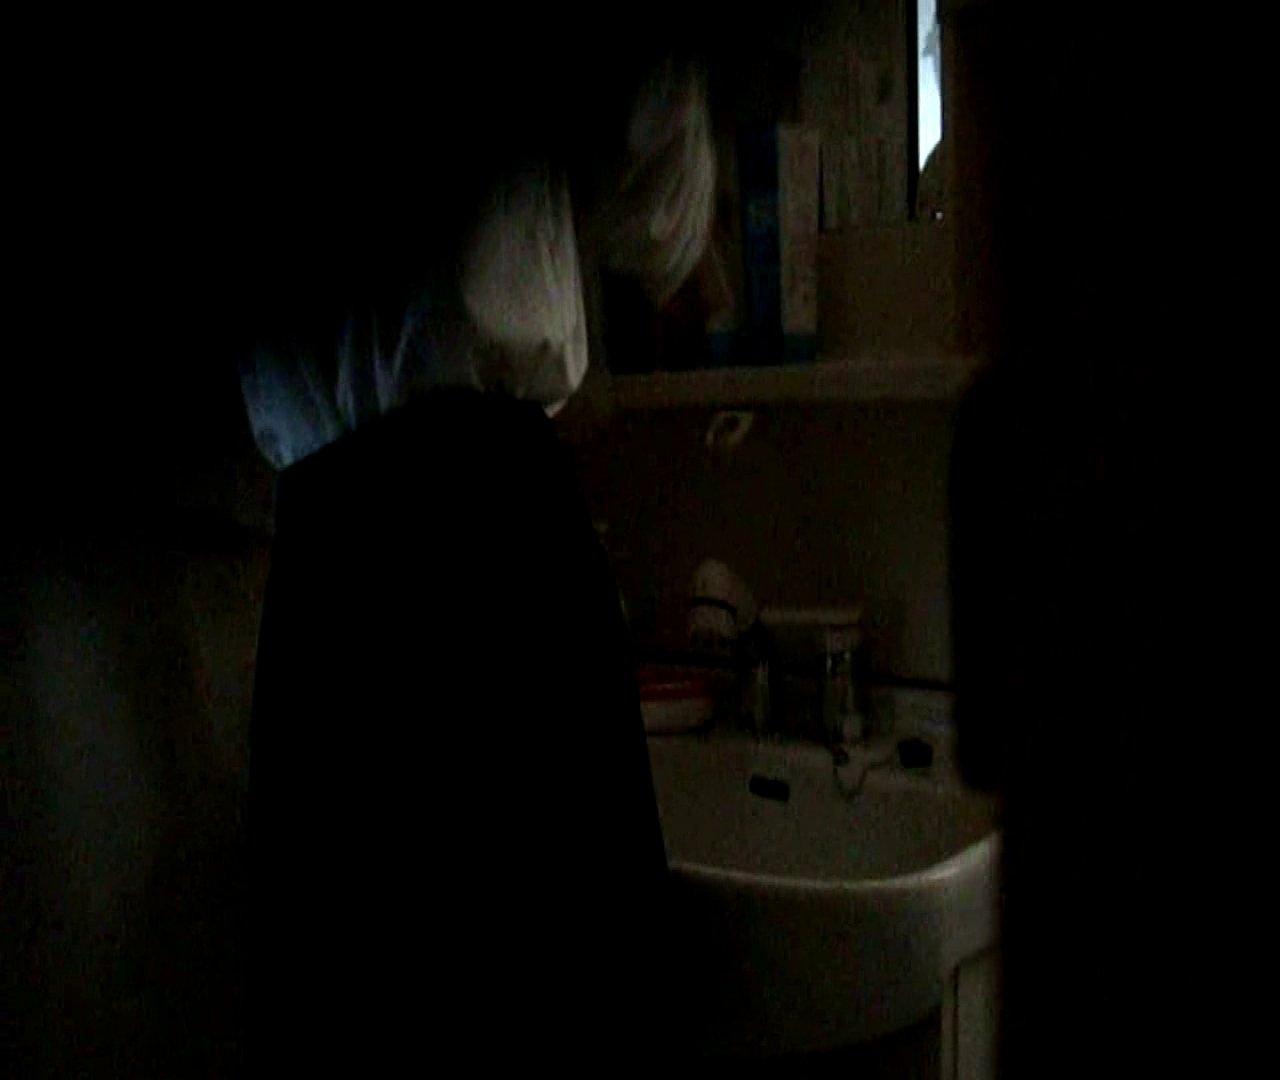 二人とも育てた甲斐がありました… vol.05 まどかが洗顔後にブラを洗濯 盗撮シリーズ  79PIX 24